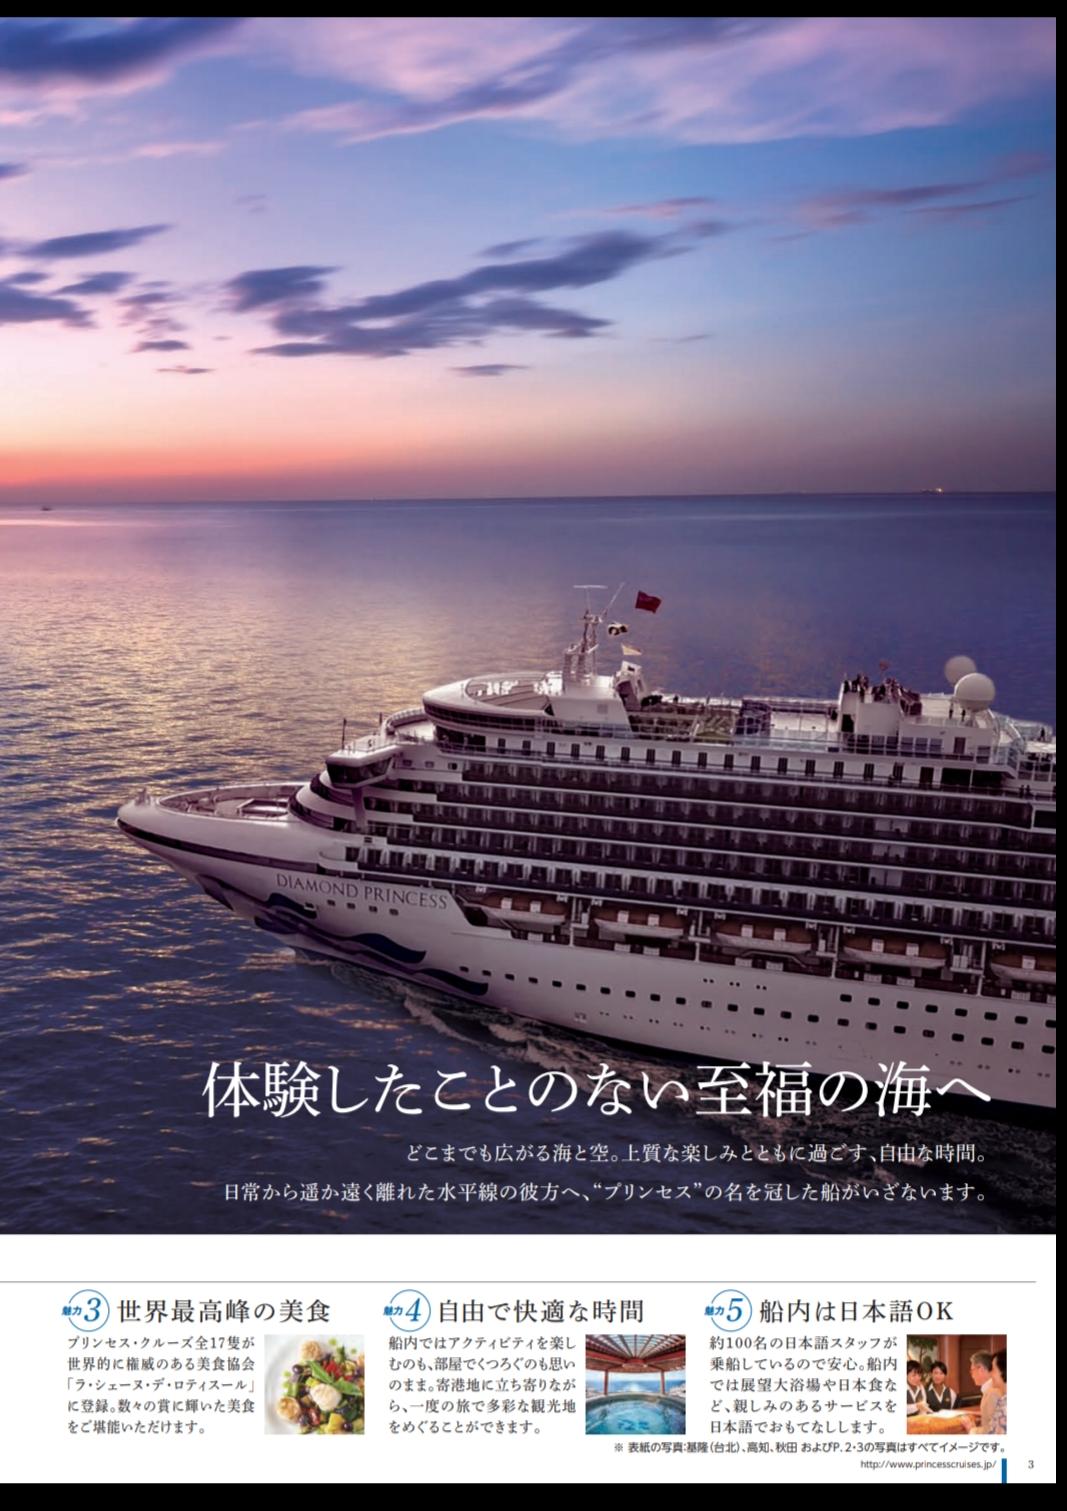 【クルーズ船】乗客、食事遅れ水を飲んで空腹しのぐ…「14日間も閉じ込められた経験ない。どうなるのか」「高血圧薬もうない」